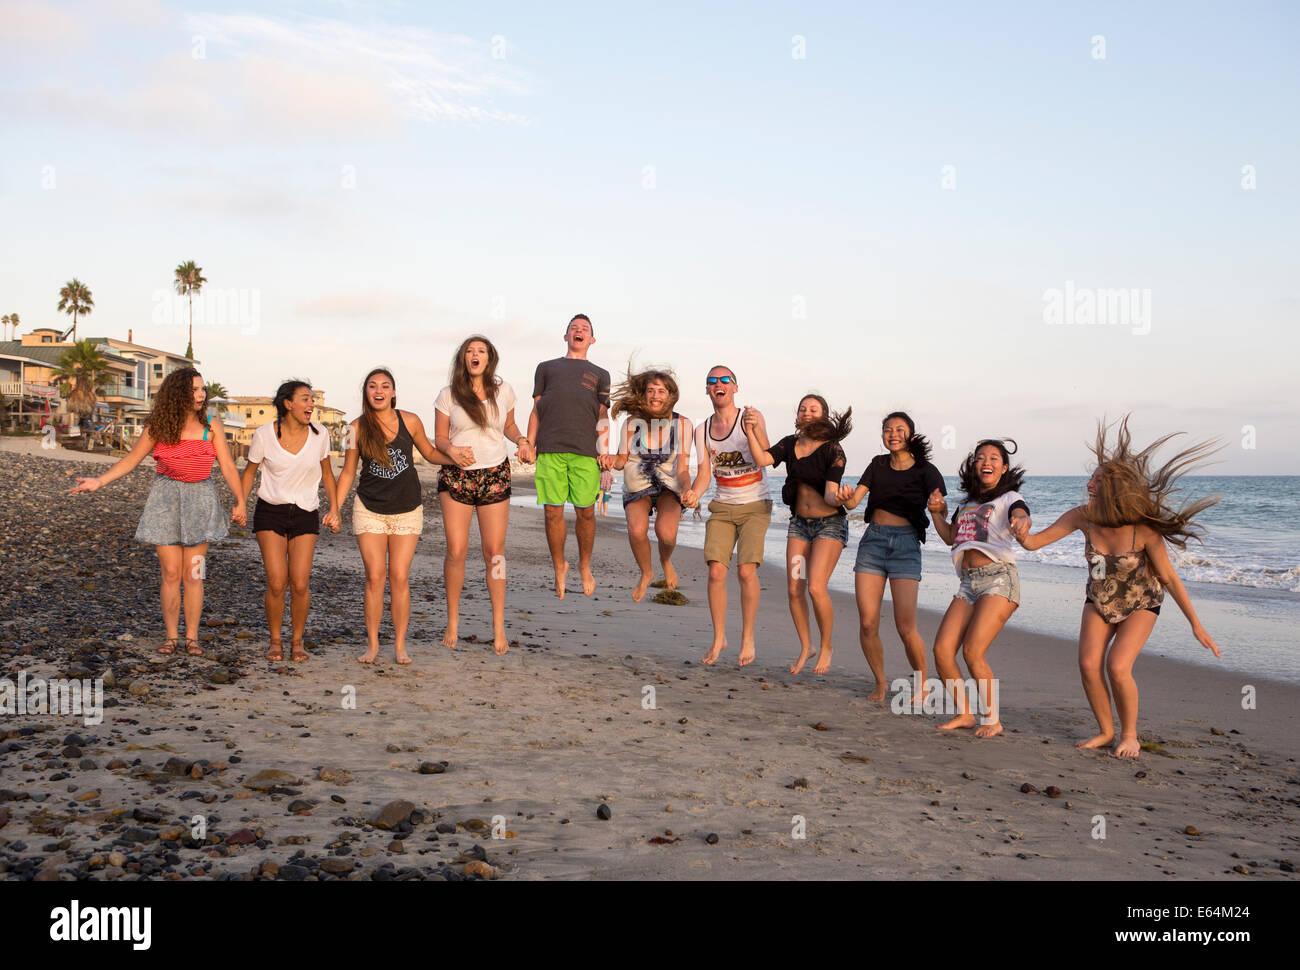 Los adultos jóvenes, adolescentes, Capistrano Beach, aka Capo Beach, ciudad de Dana Point, en el condado de Orange, California, Estados Unidos Foto de stock